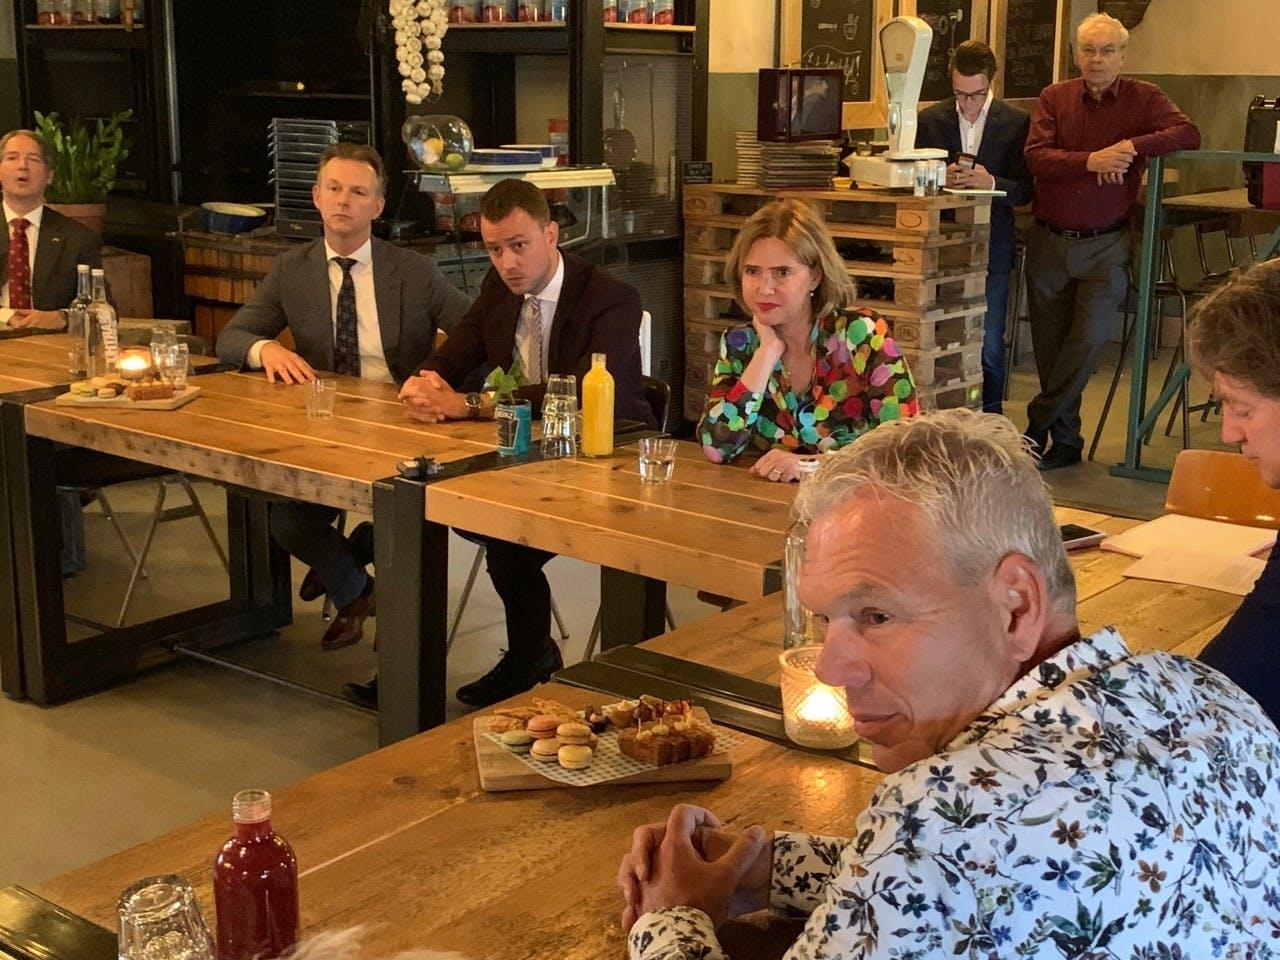 Cora van Nieuwenhuizen is met inwoners van Aalsmeer in gesprek over Schiphol.